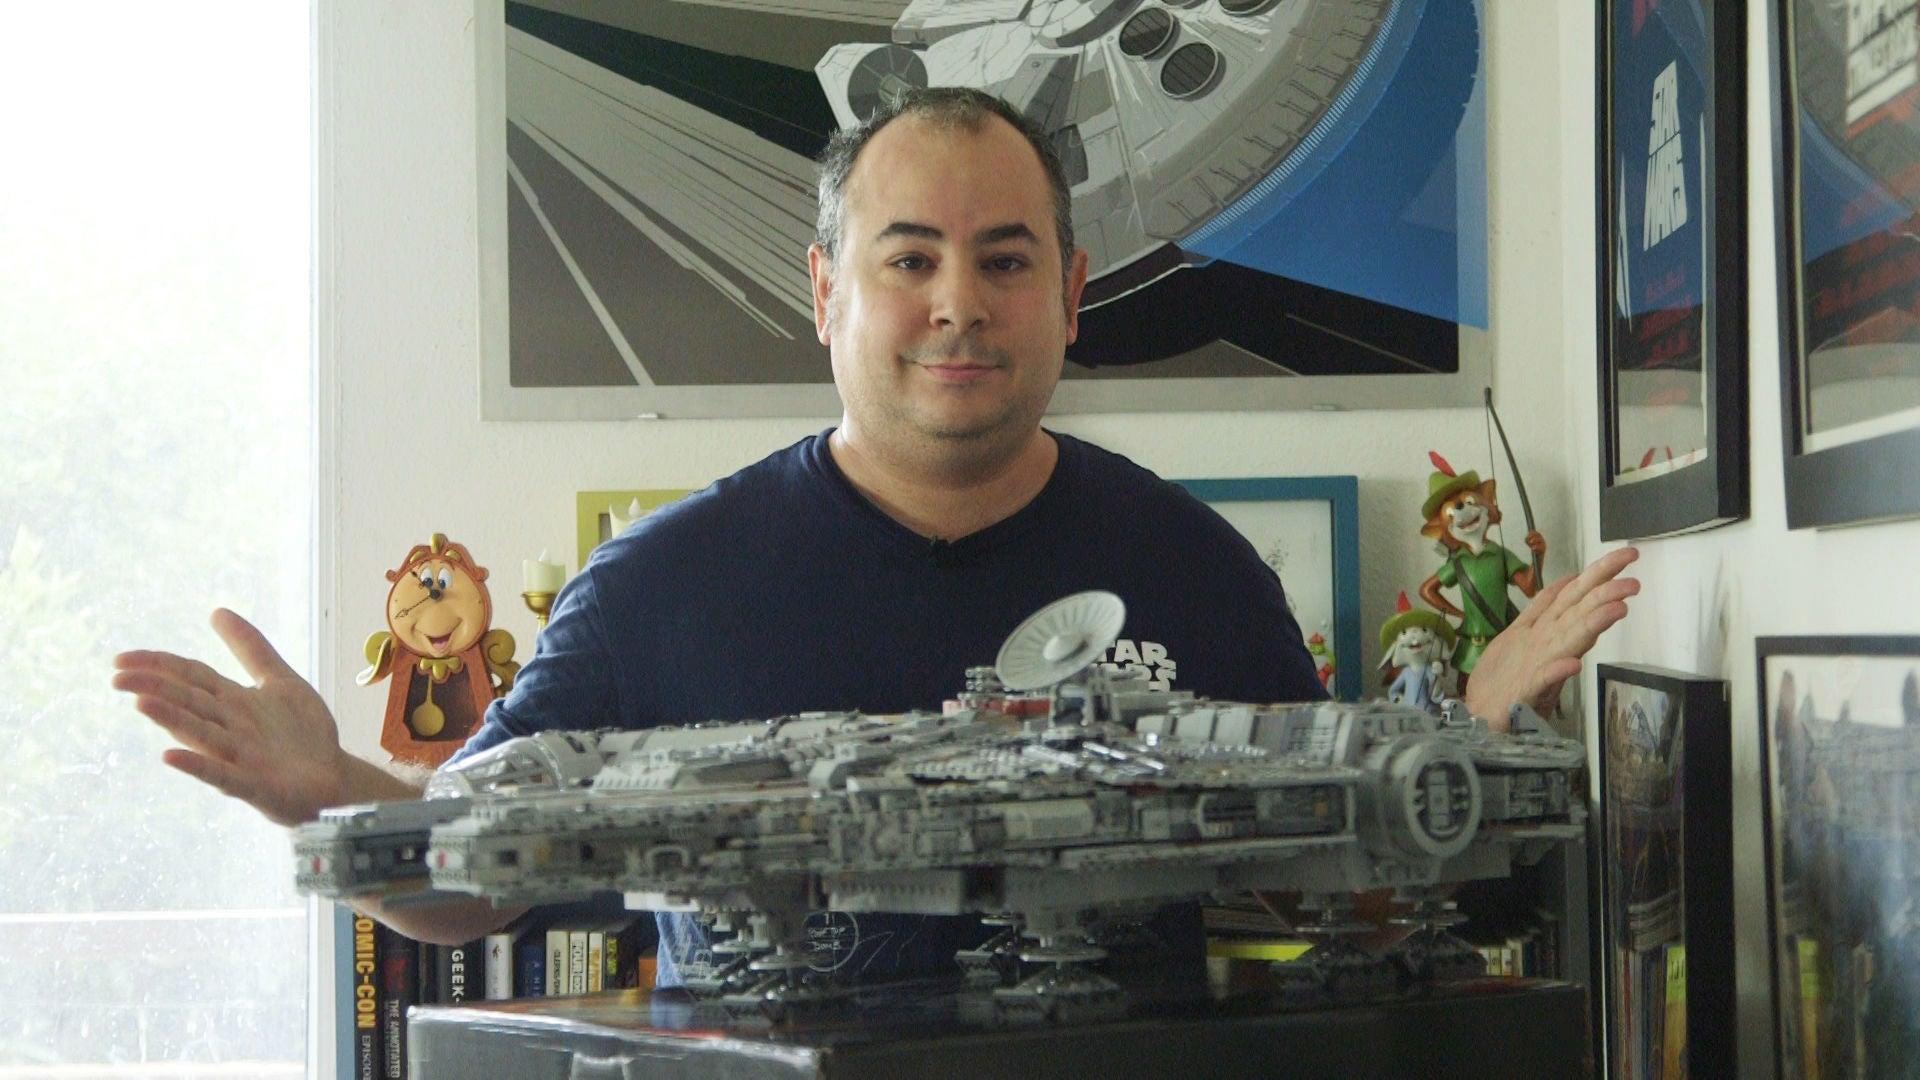 Massive 7500-Piece Millennium Falcon